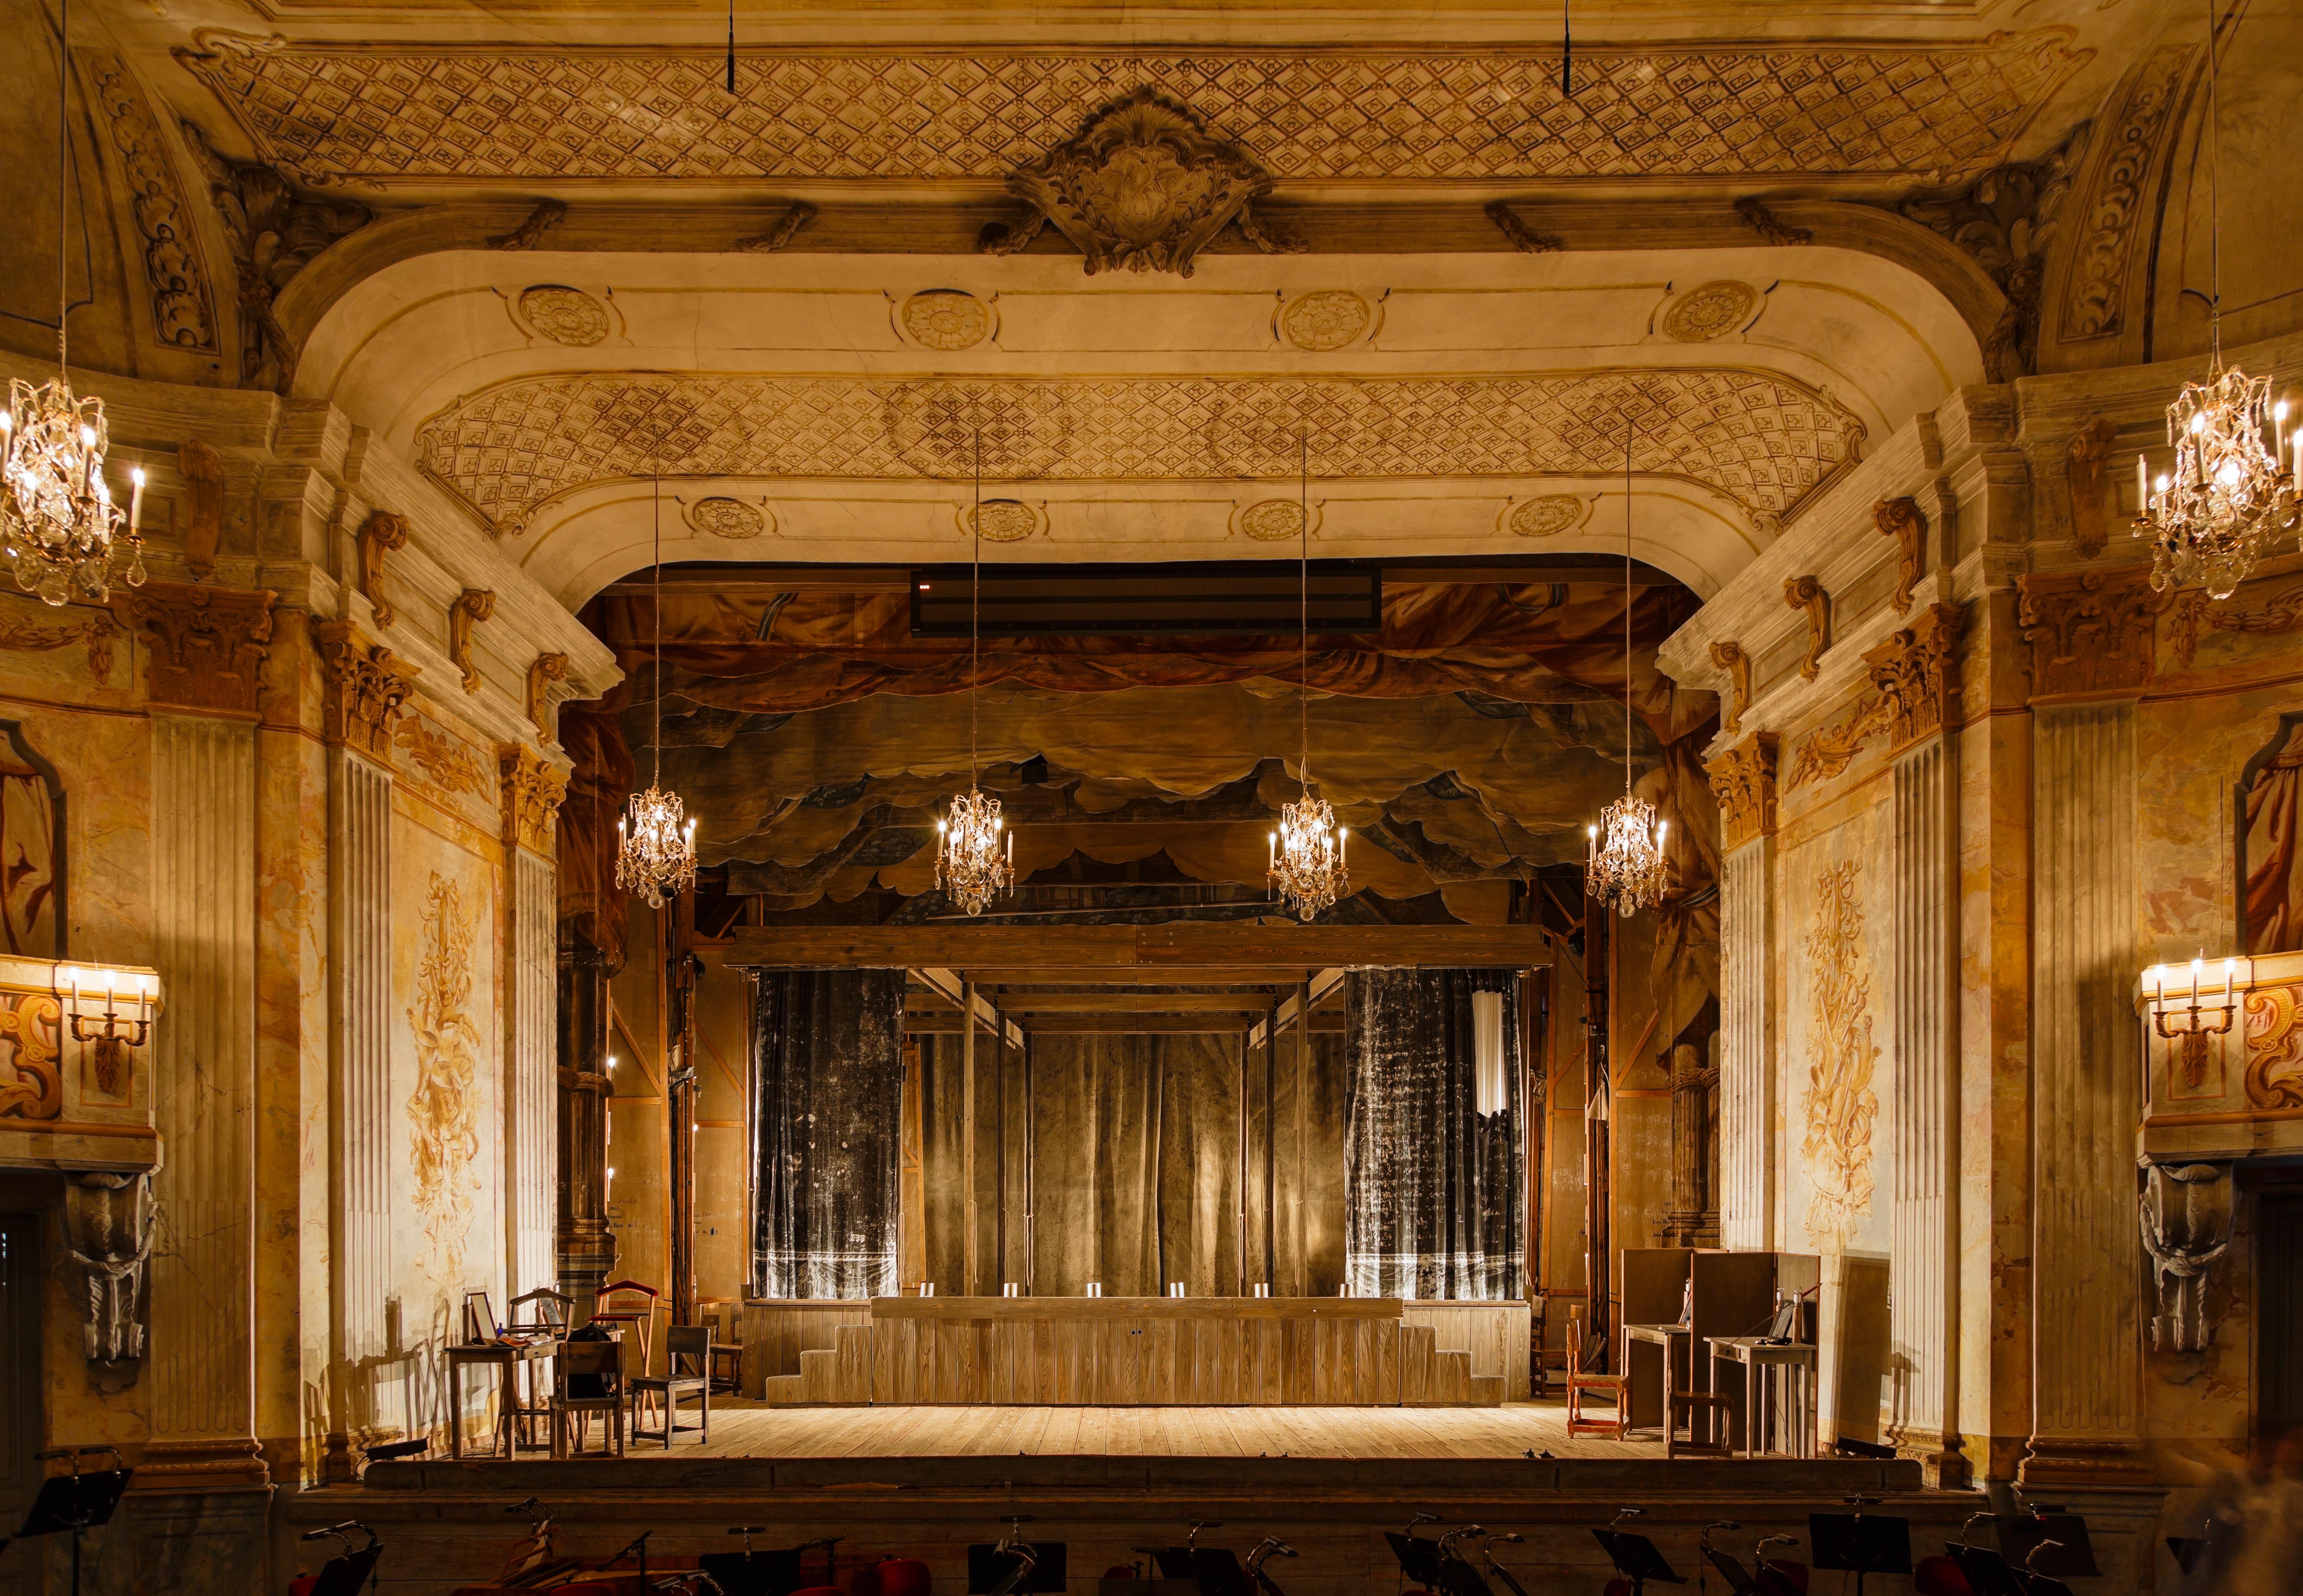 Stockholm_Sweden_Royal-Domain-of_Drottningholm_Drottningholms-Slottsteater01.jpg